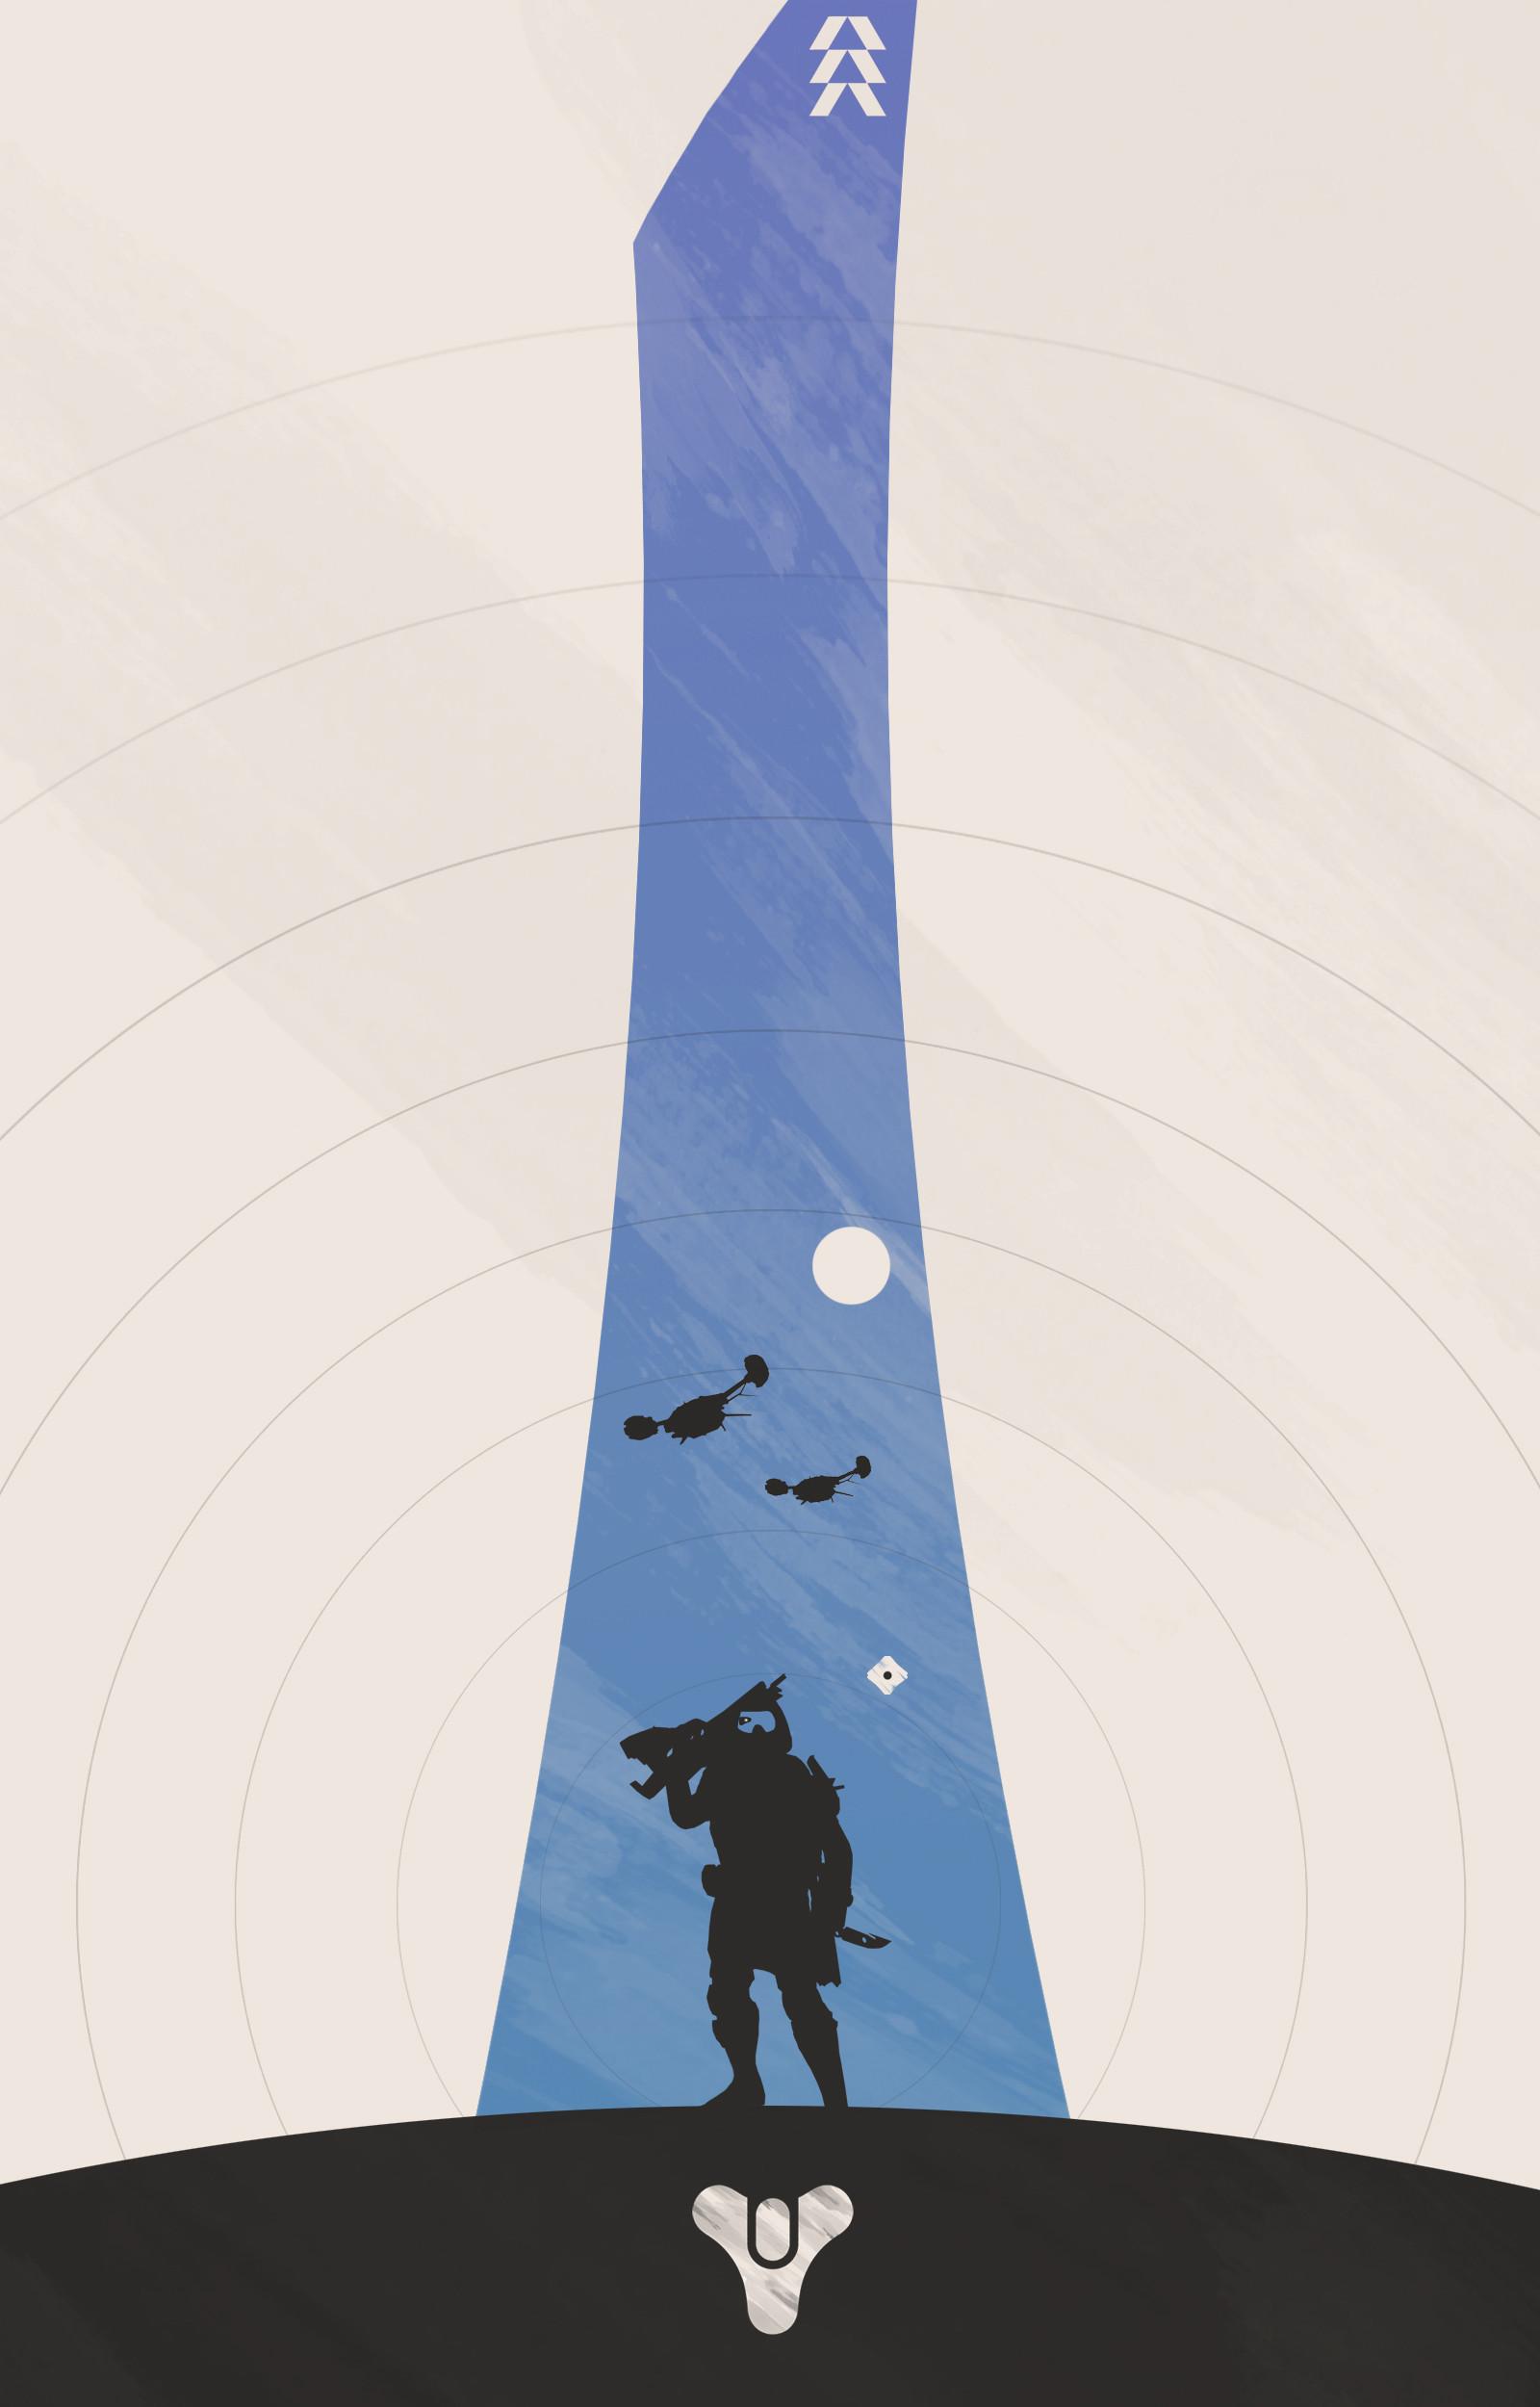 REQUESTS: Hunter Bladedancer with slate blue tower:  https://i.imgur.com/nLLG7En.jpg